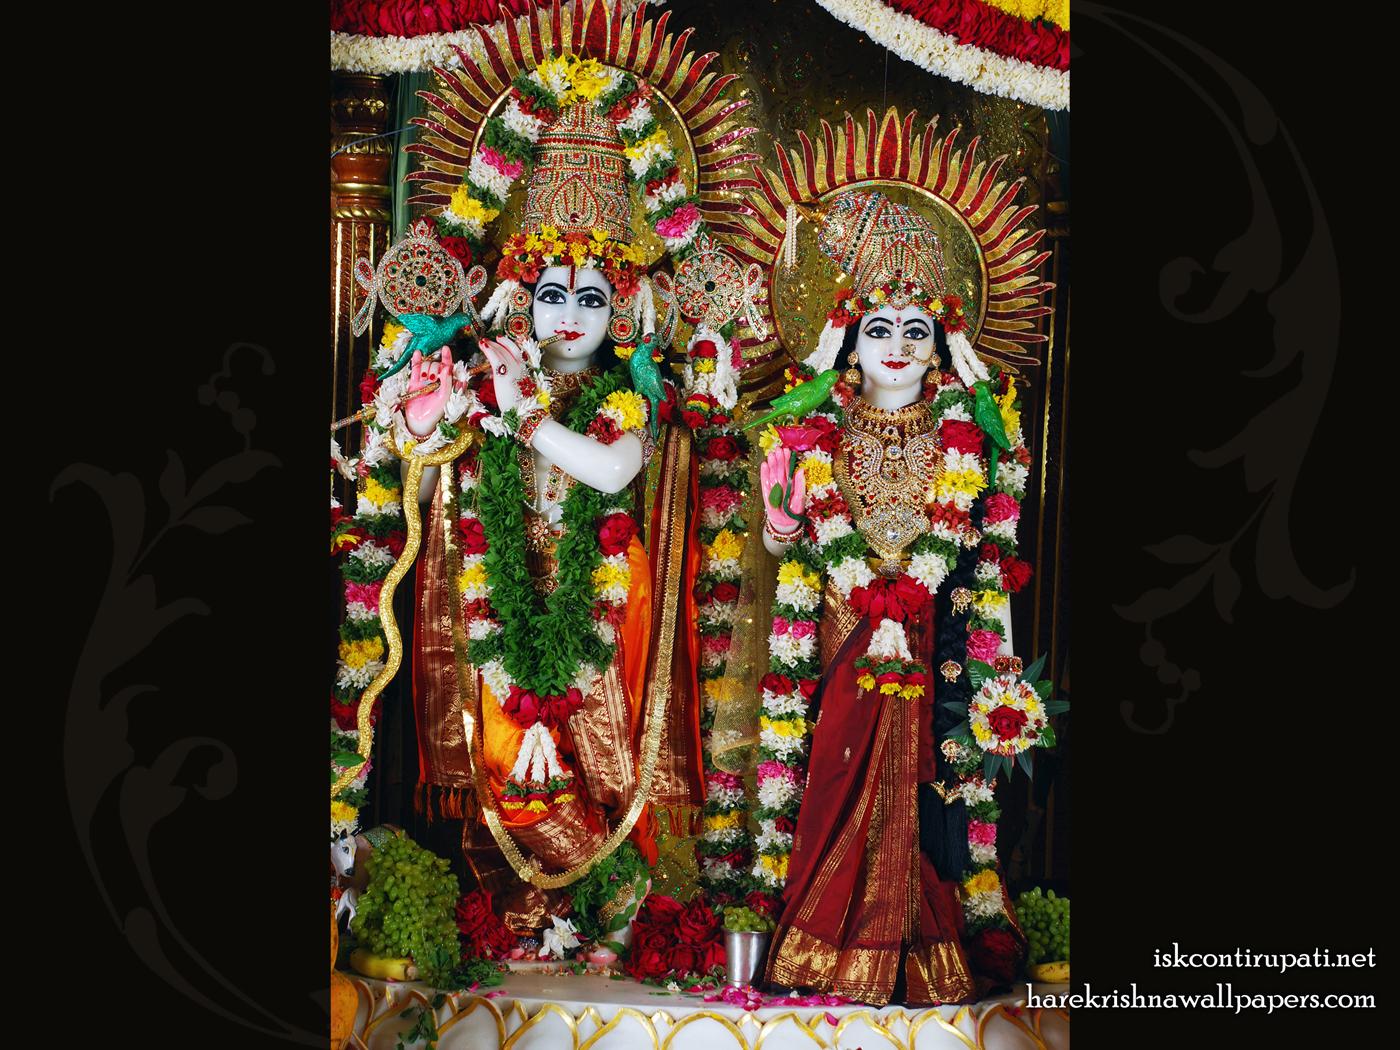 Sri Sri Radha Govinda Wallpaper (002) Size 1400x1050 Download